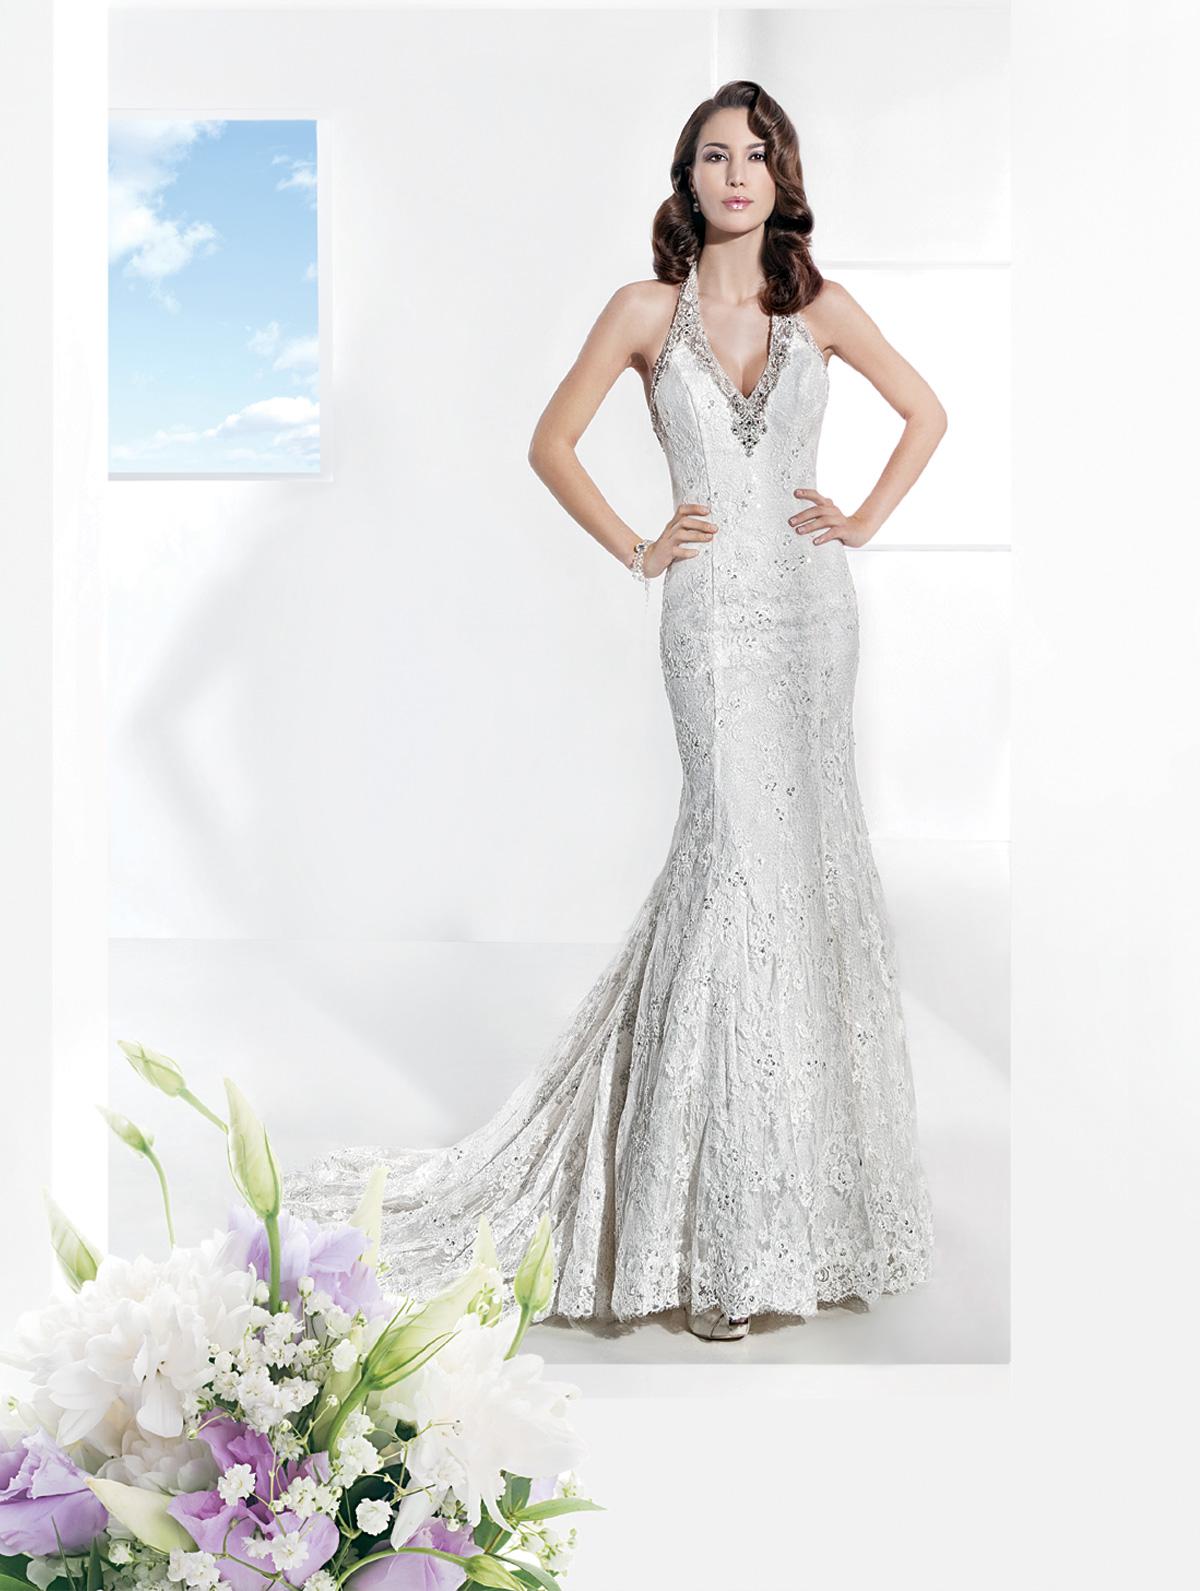 Vestido de Noiva frente única, sereia em renda rebordada,com grega de bordado em toda a volta do decote, leve cauda.